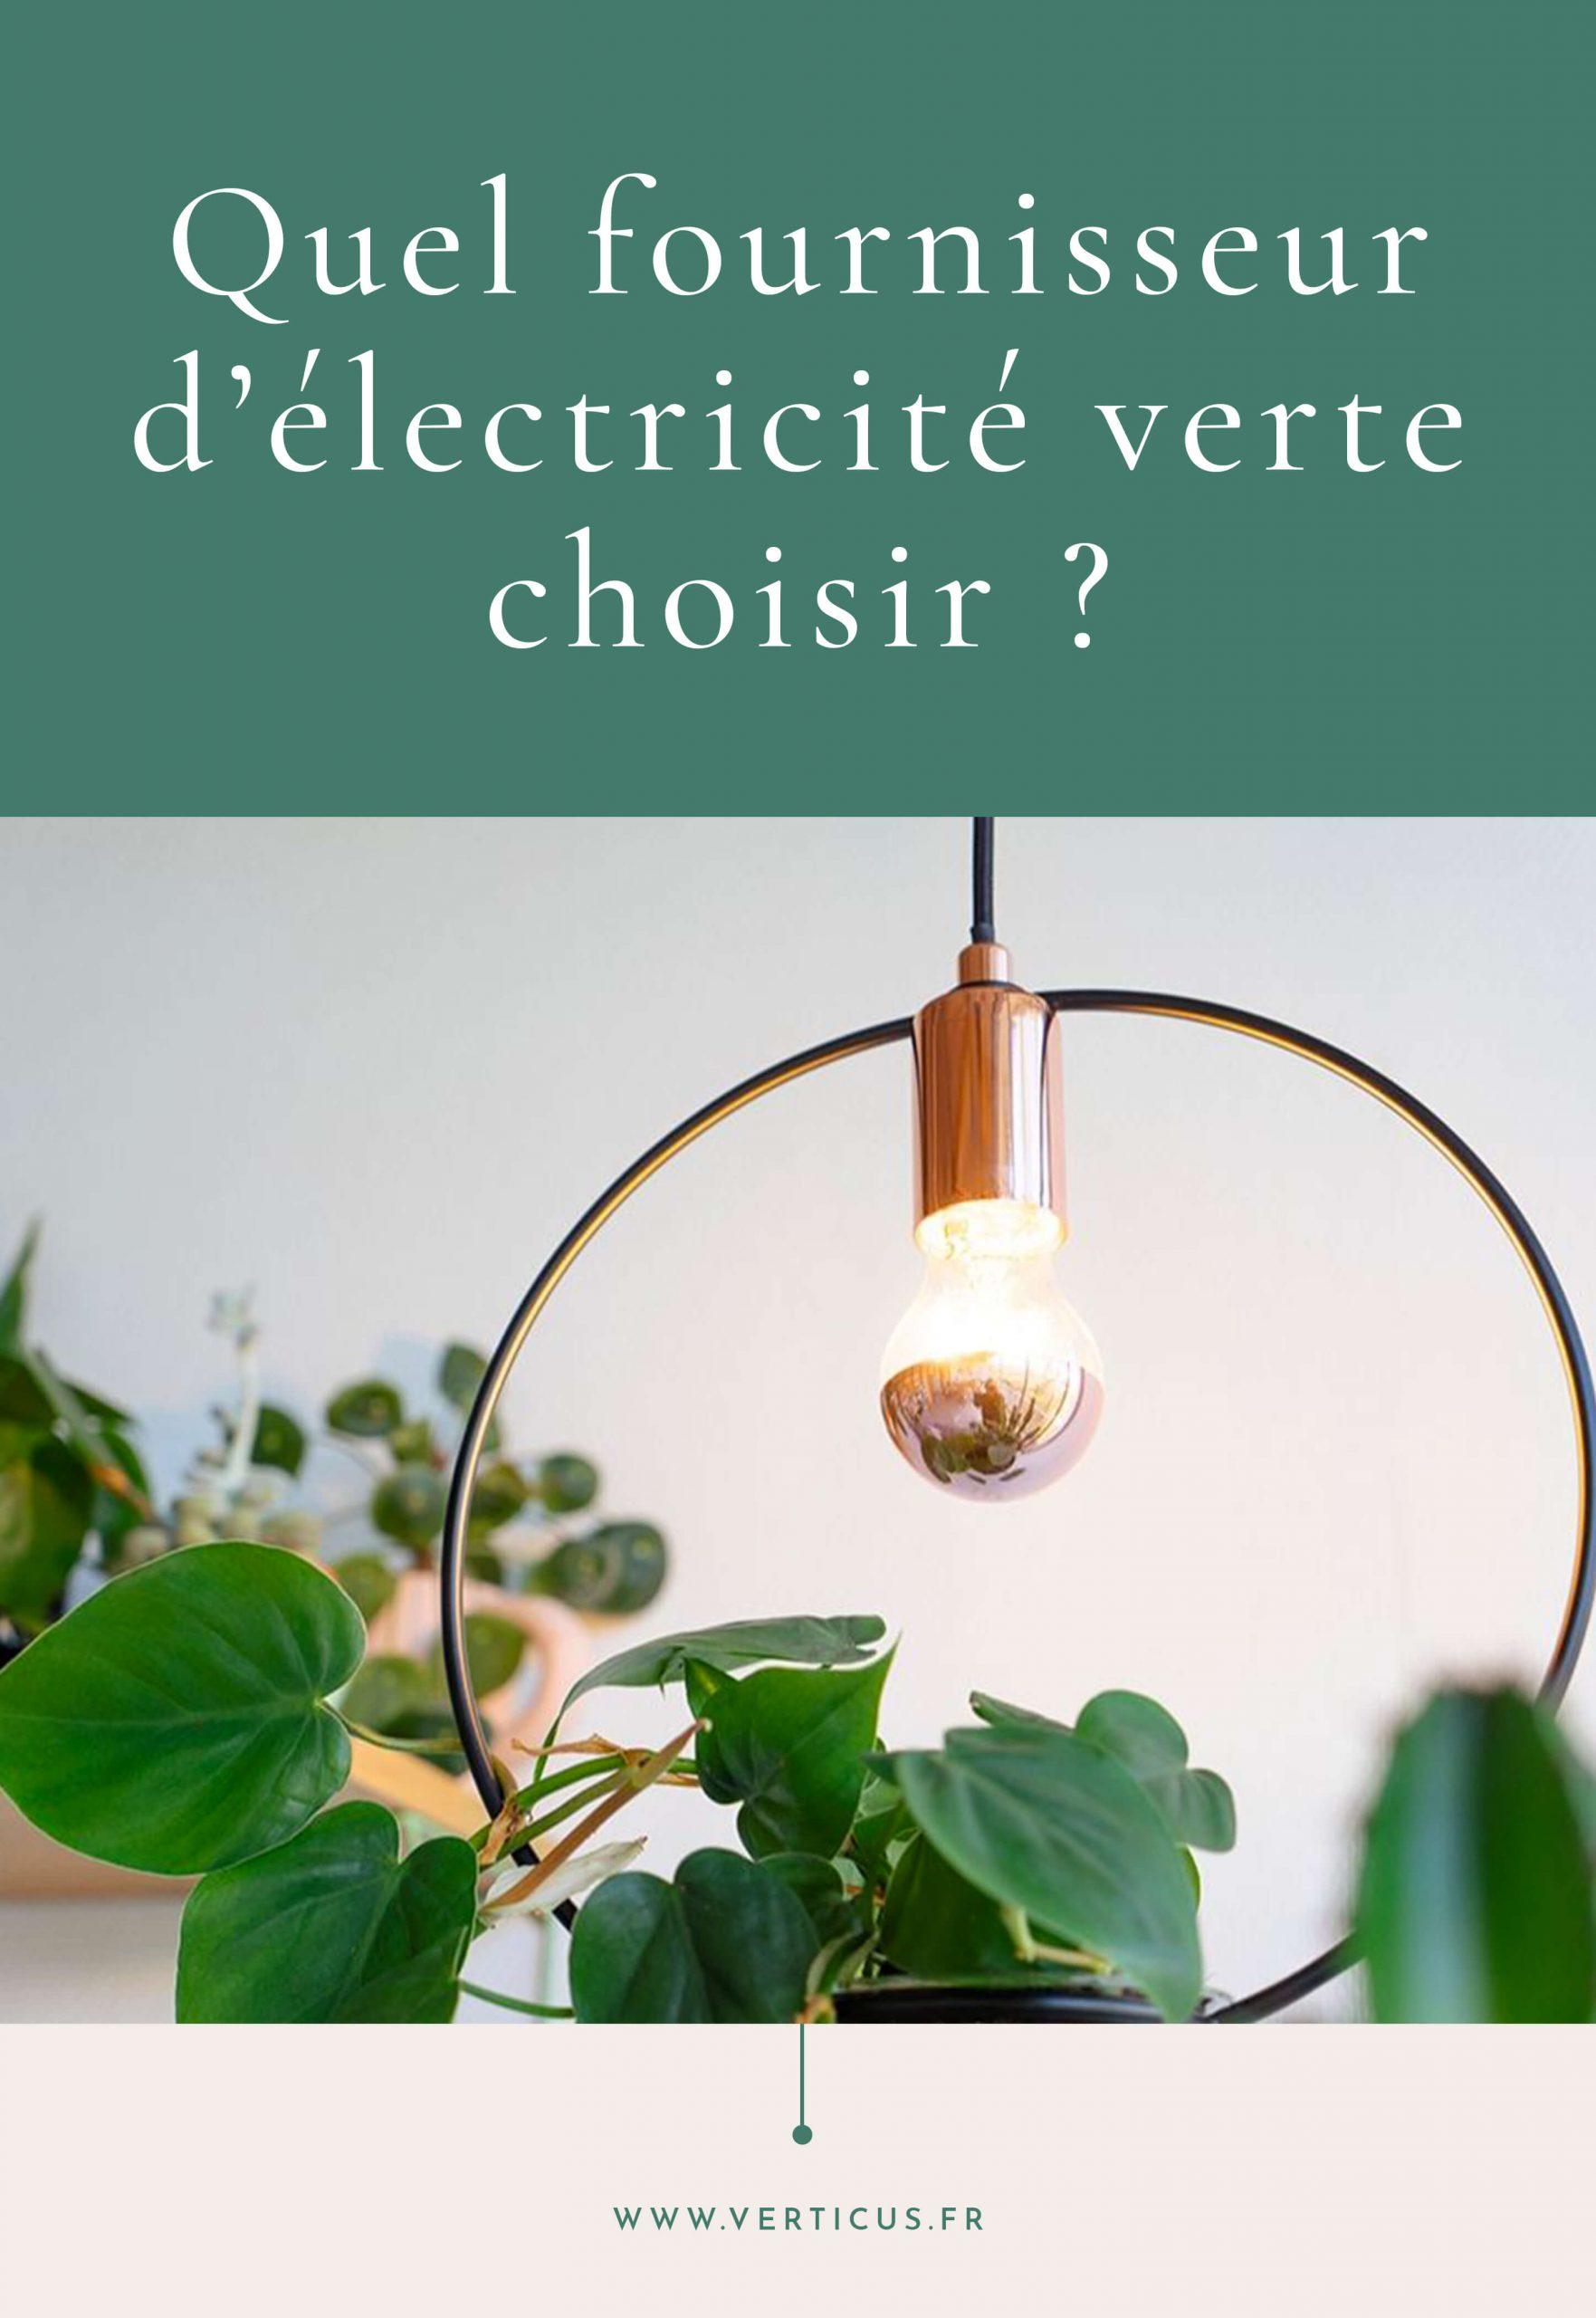 Mini-guide pour choisir un fournisseur d'électricité vraiment verte et soutenir les petits producteurs d'énergies renouvelables.